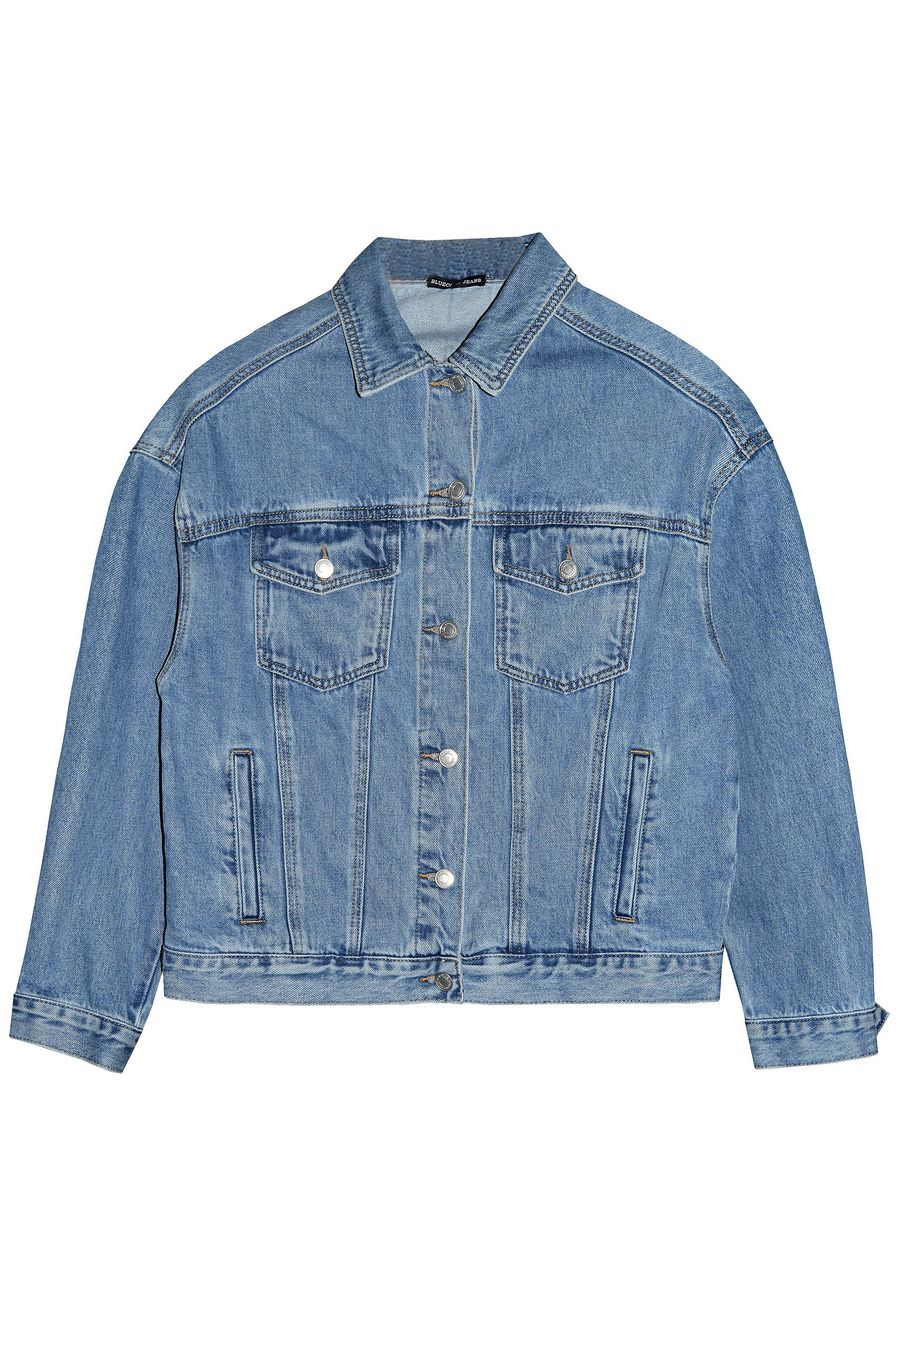 Пиджак женский (джинсовка) Blue Coco 130 - фото 1